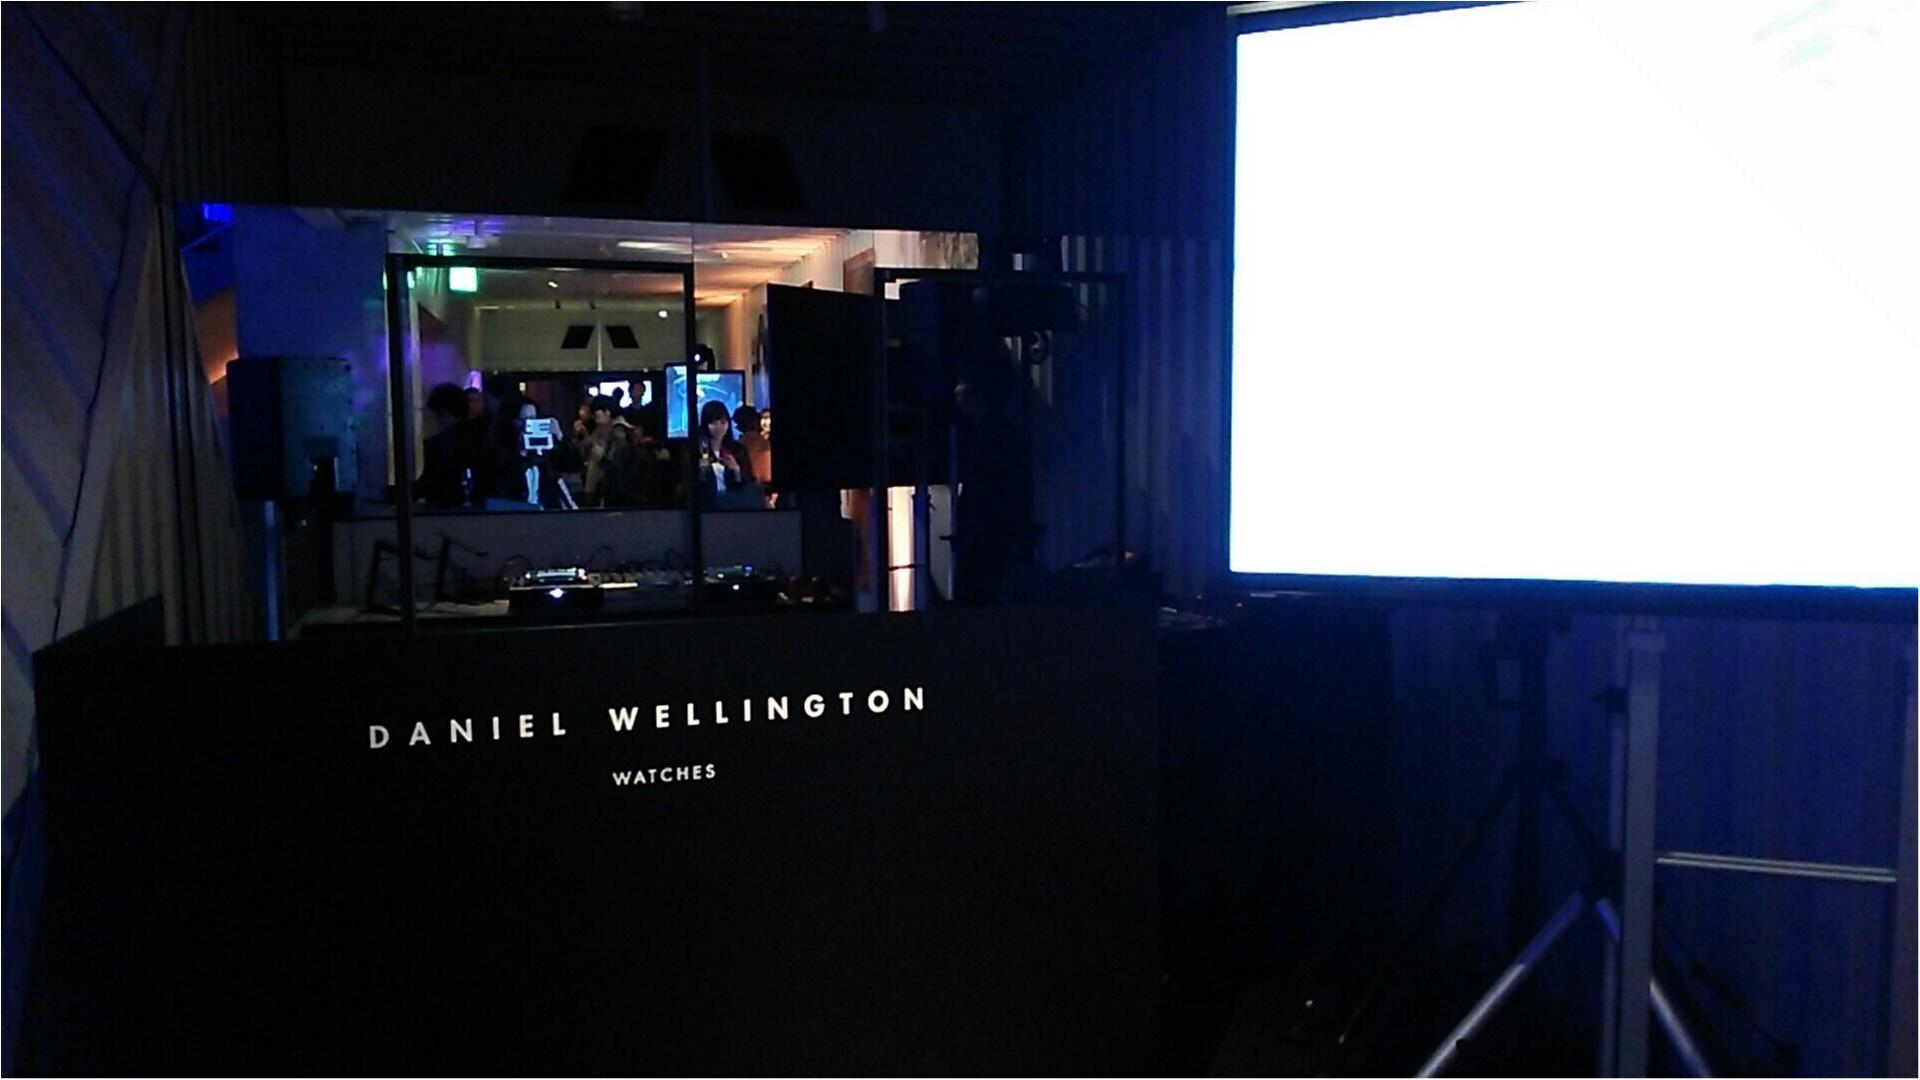 【♥︎♥︎♥︎】流行りの人はみーんな持ってる♡Daniel WellingtonのAfter Partyに行ってきました:)_3